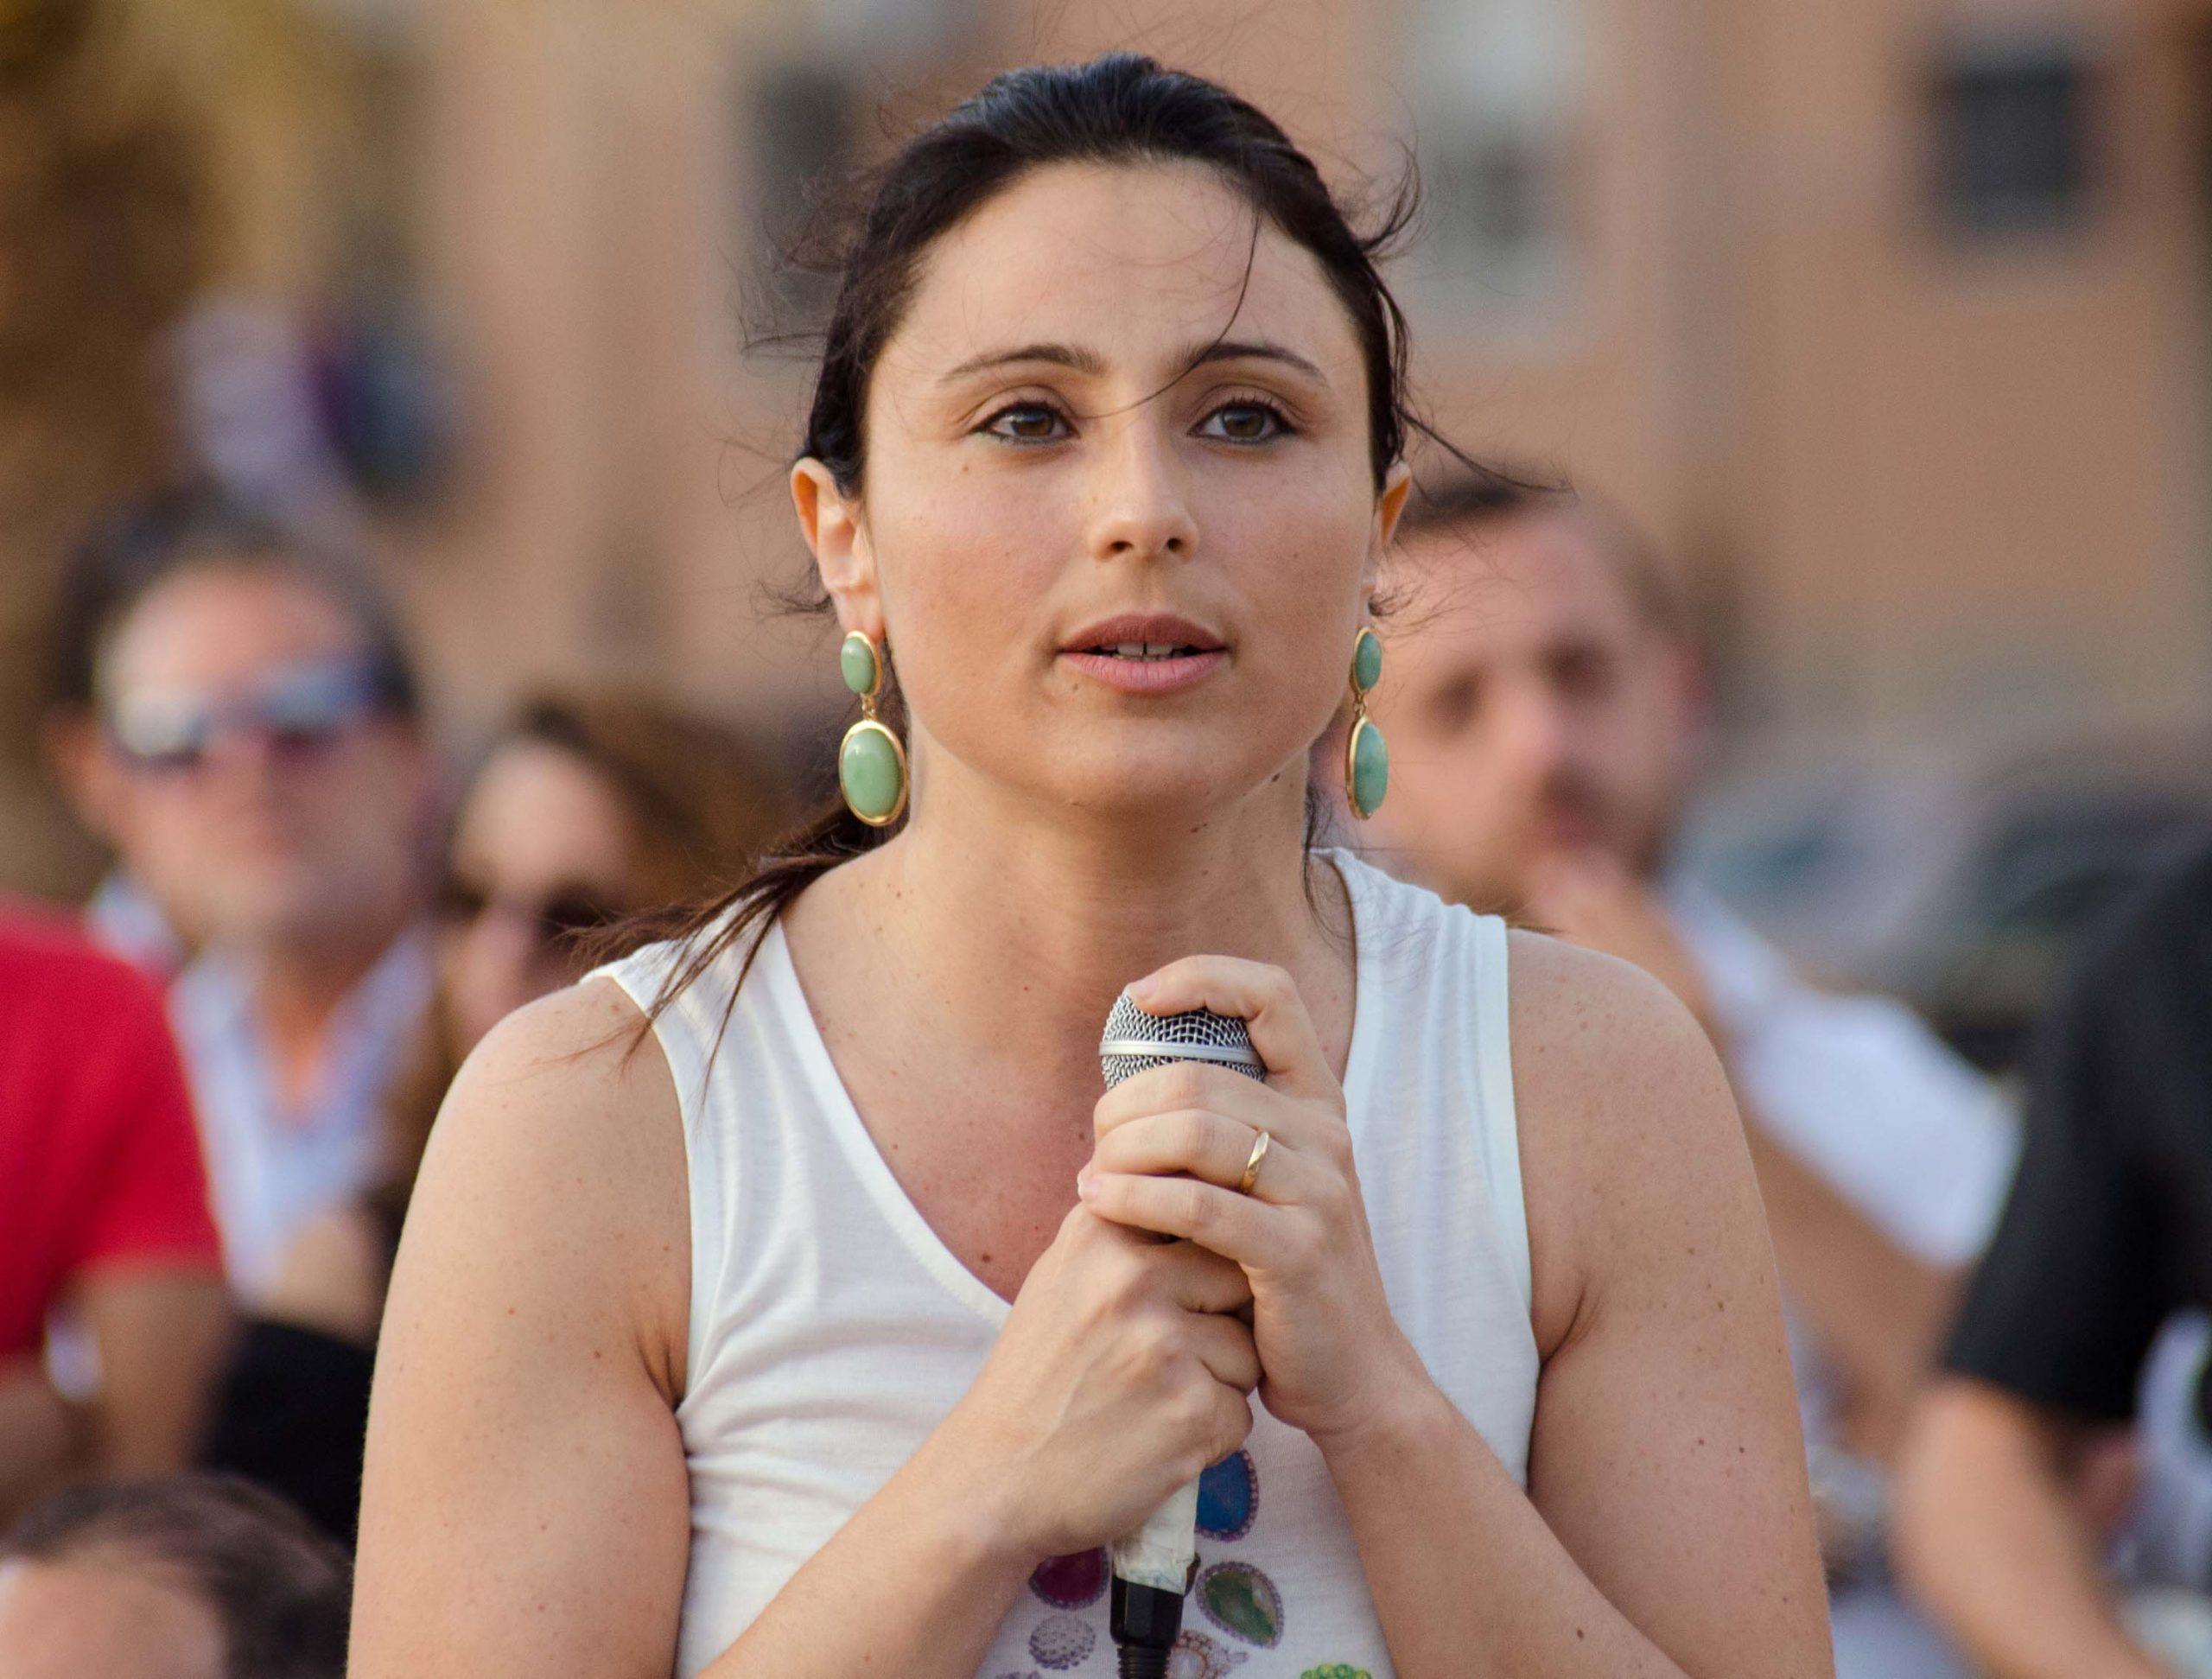 Elezioni Reggio, ora è ufficiale: Angela Marcianò candidata a sindaco